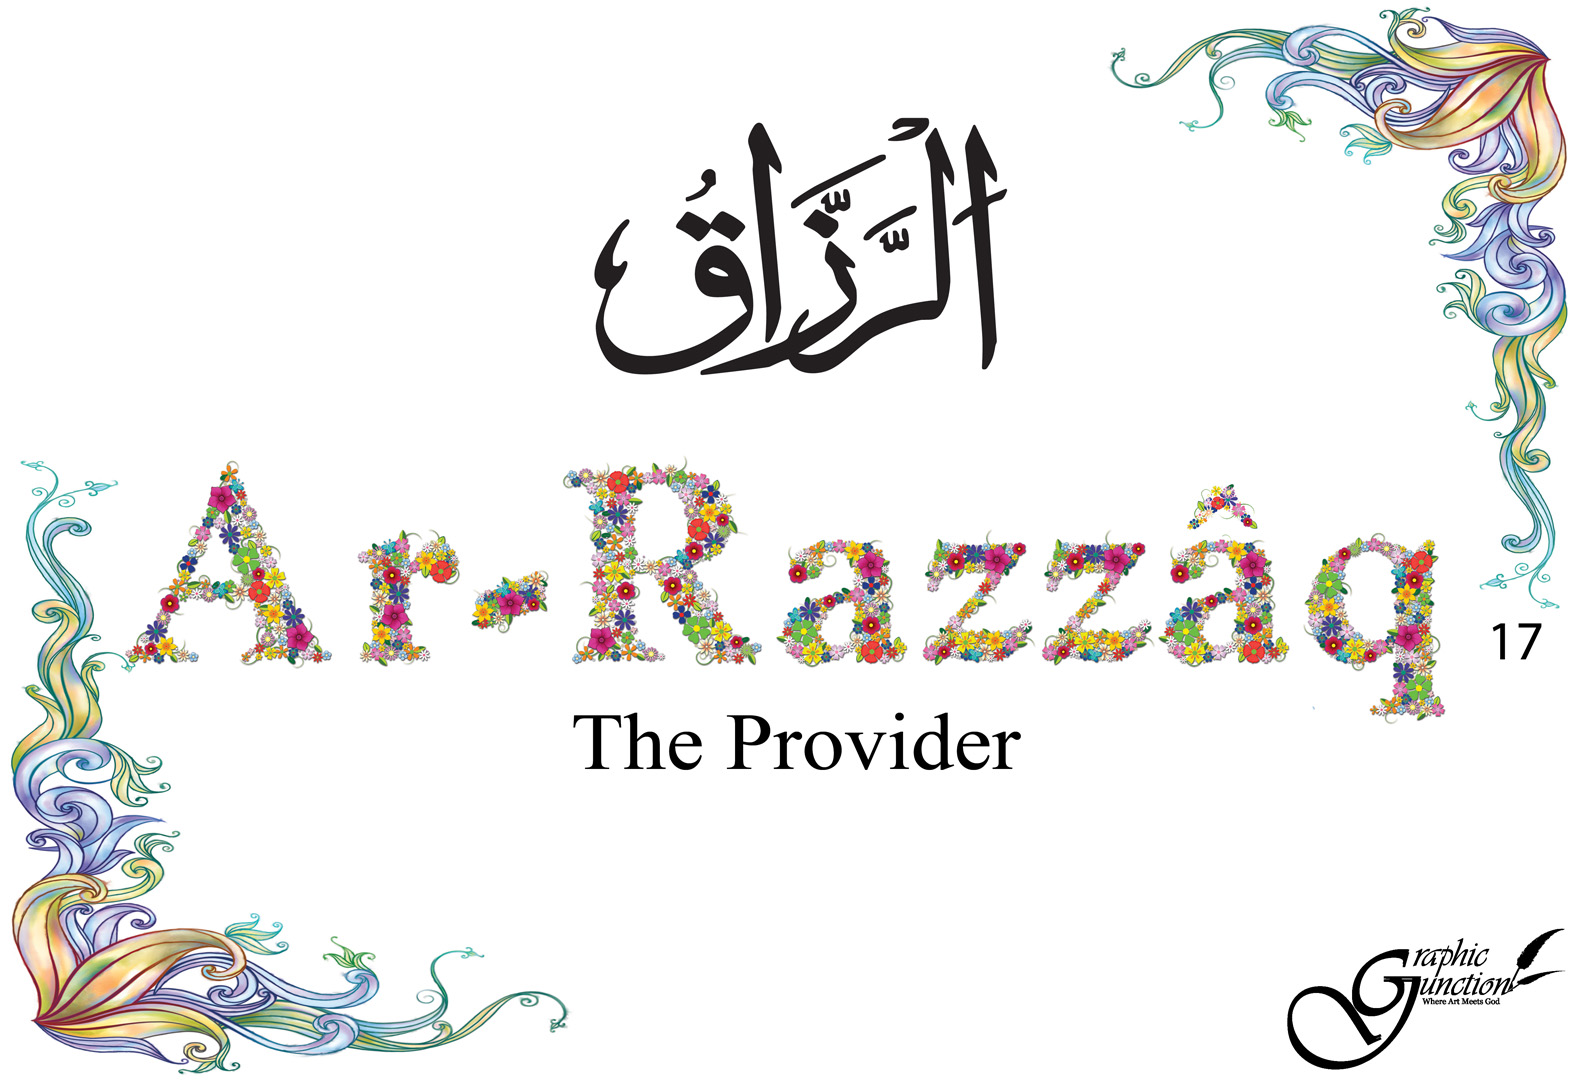 Previous 16 al wahhab 18 al fattah next 187